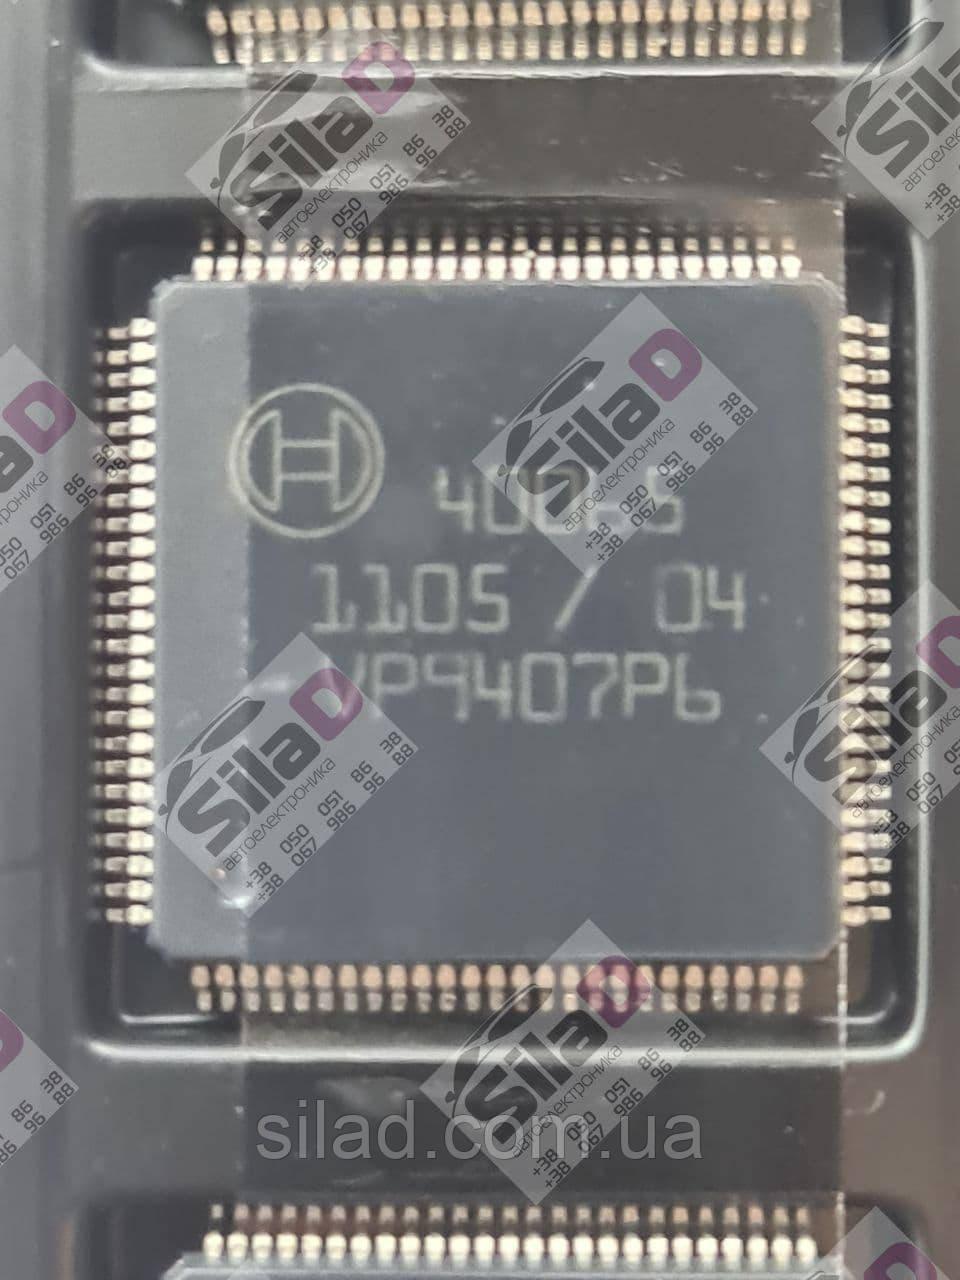 Микросхема Bosch 40065 корпус LQFP100